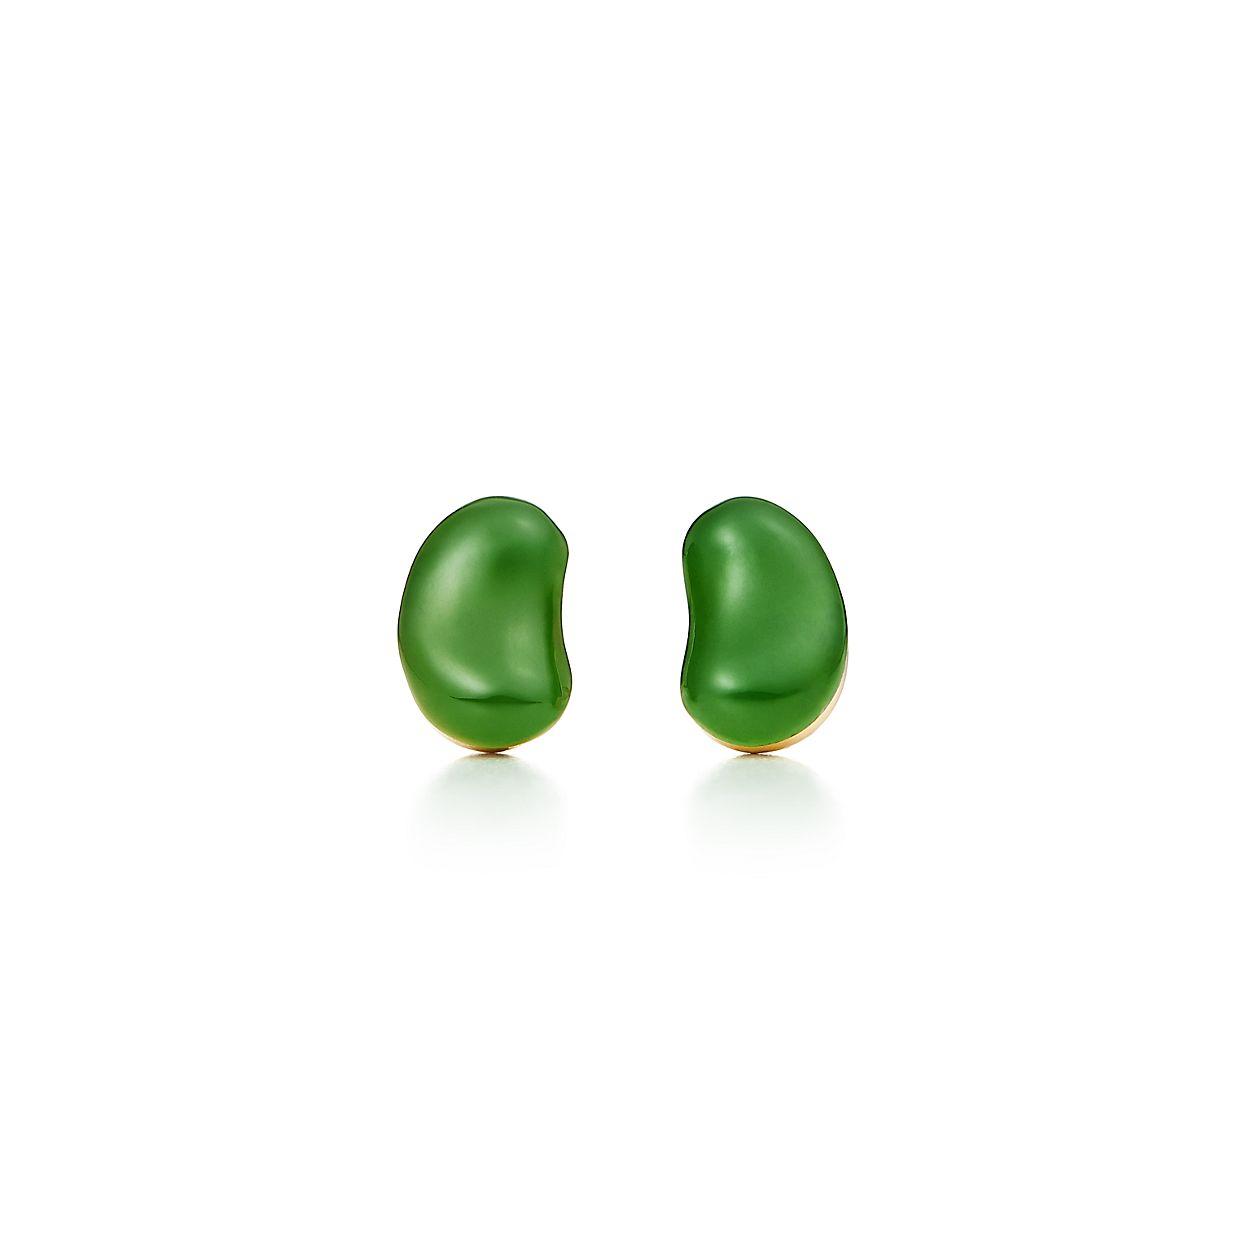 Elsa Peretti Bean earrings in 18k gold - Size 9 MM Tiffany & Co. iITGaaZZ